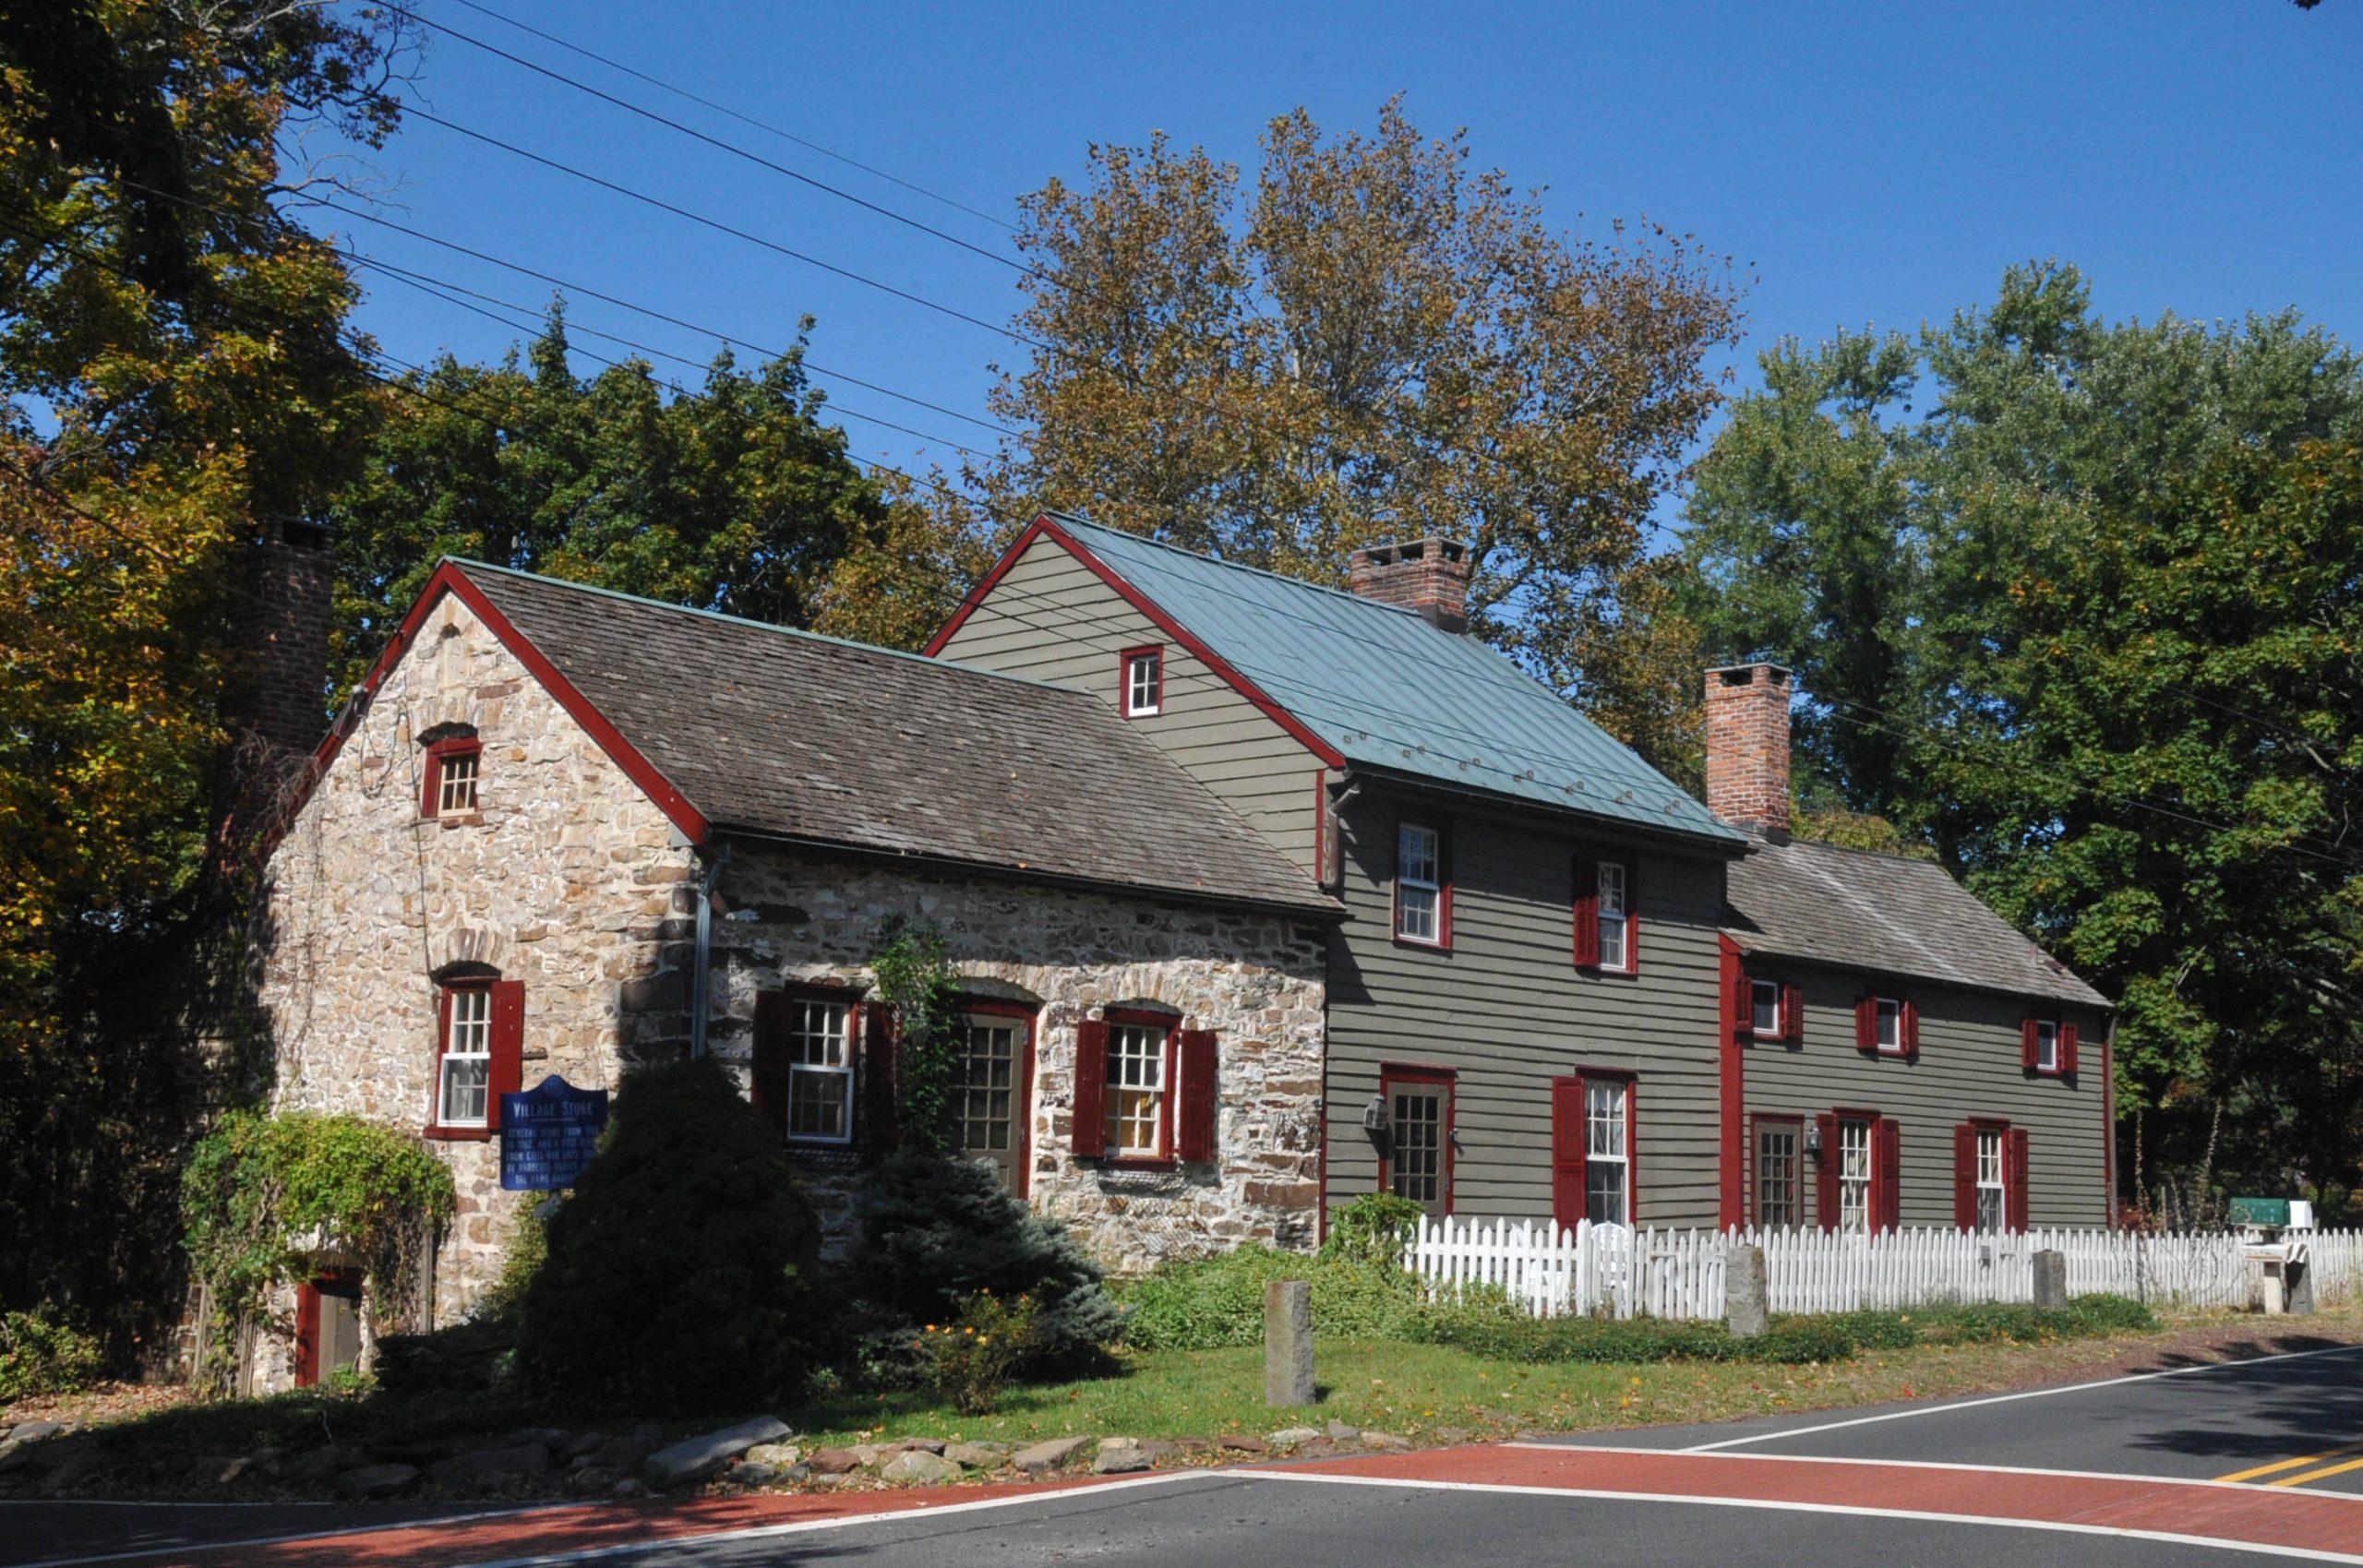 Mercer County, NJ Industrial & Commercial Asphalt Milling Rentals